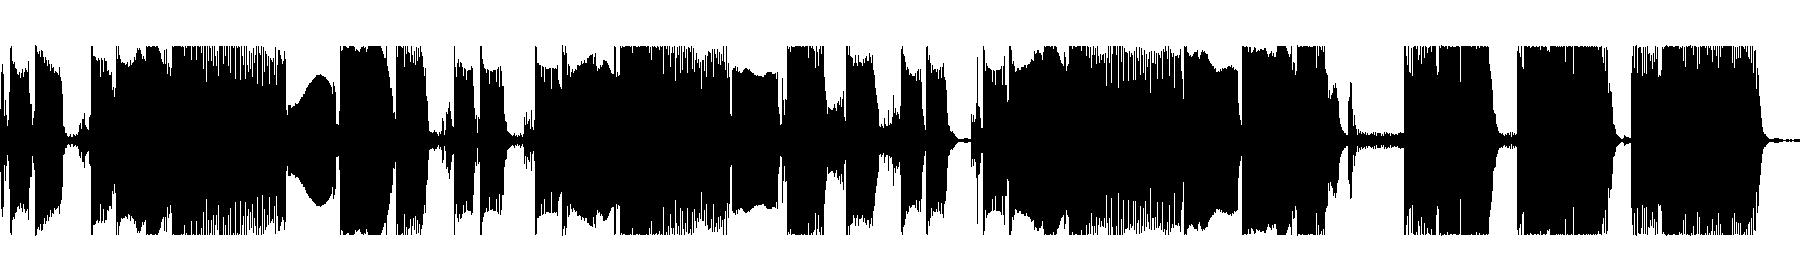 100 thefish v1 c sp01